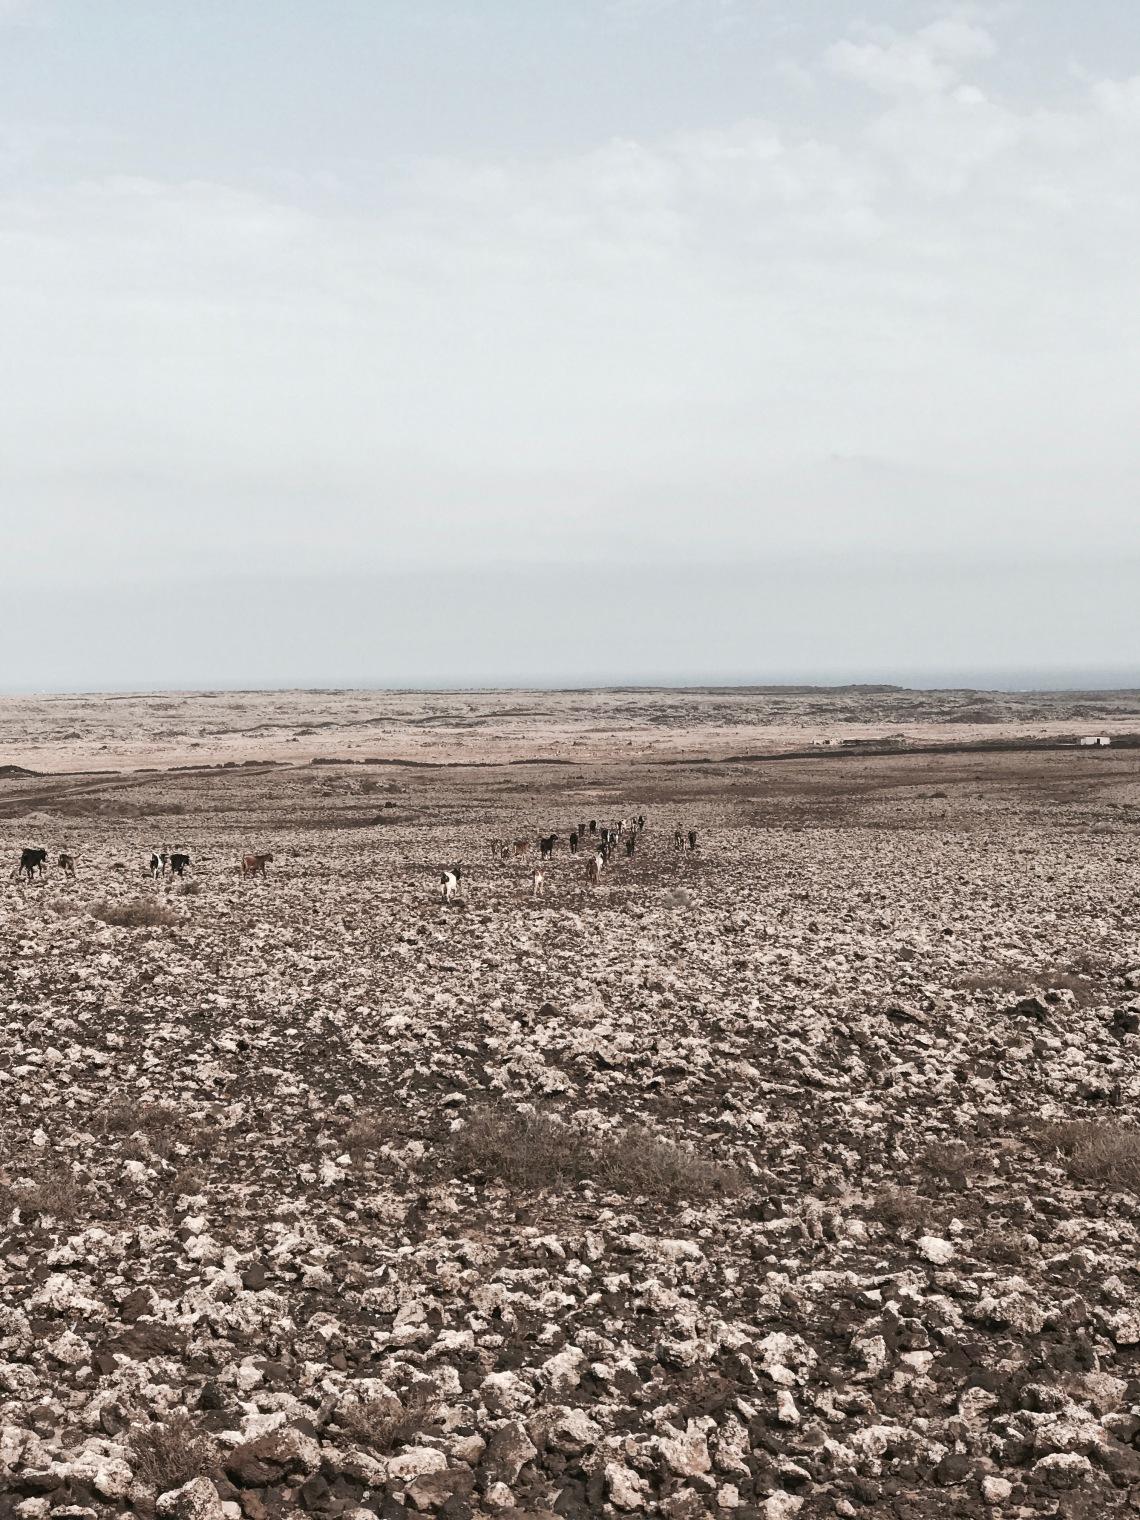 cabras en el desierto de fuerteventura